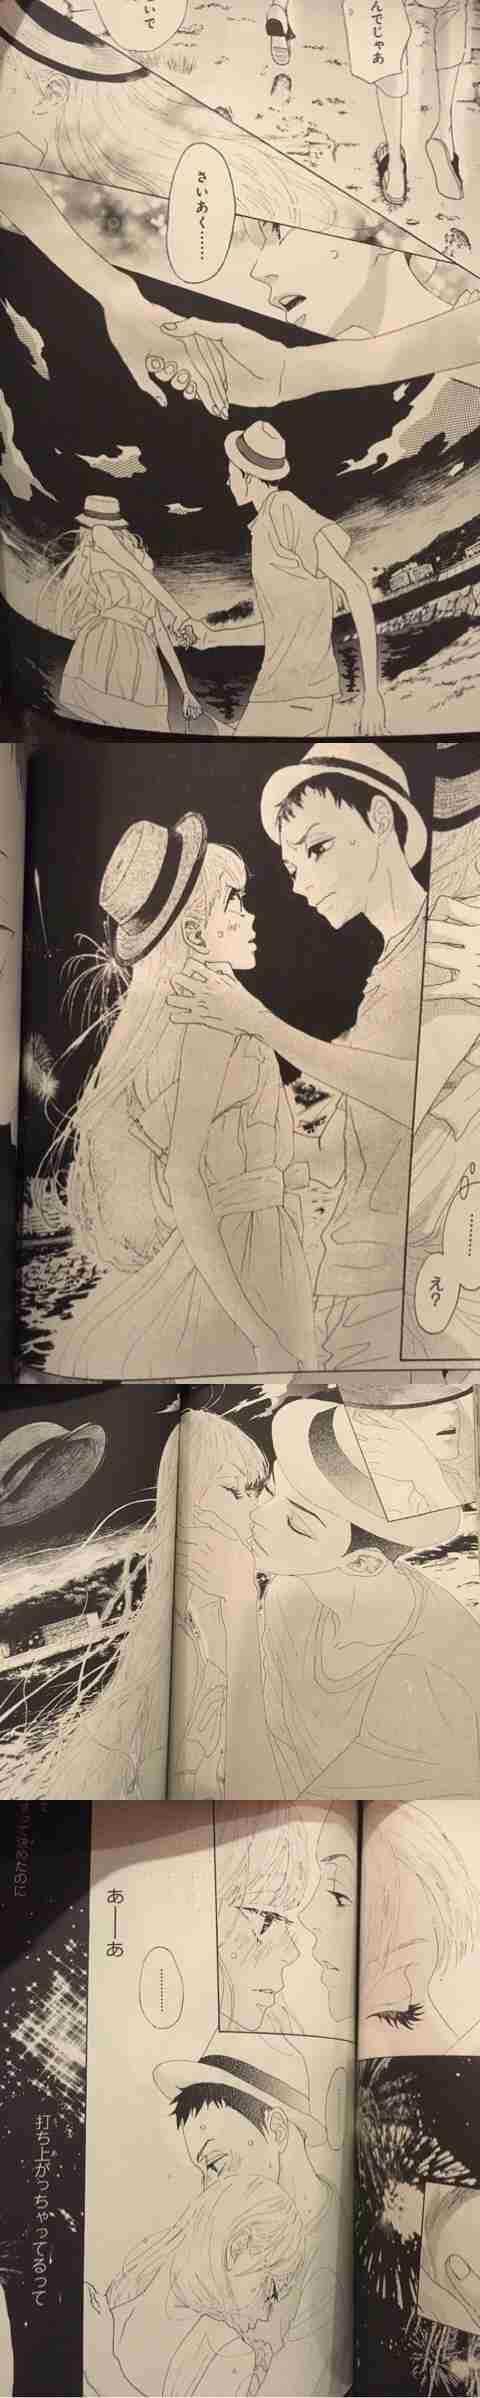 マンガのキュンとするシーンの画像